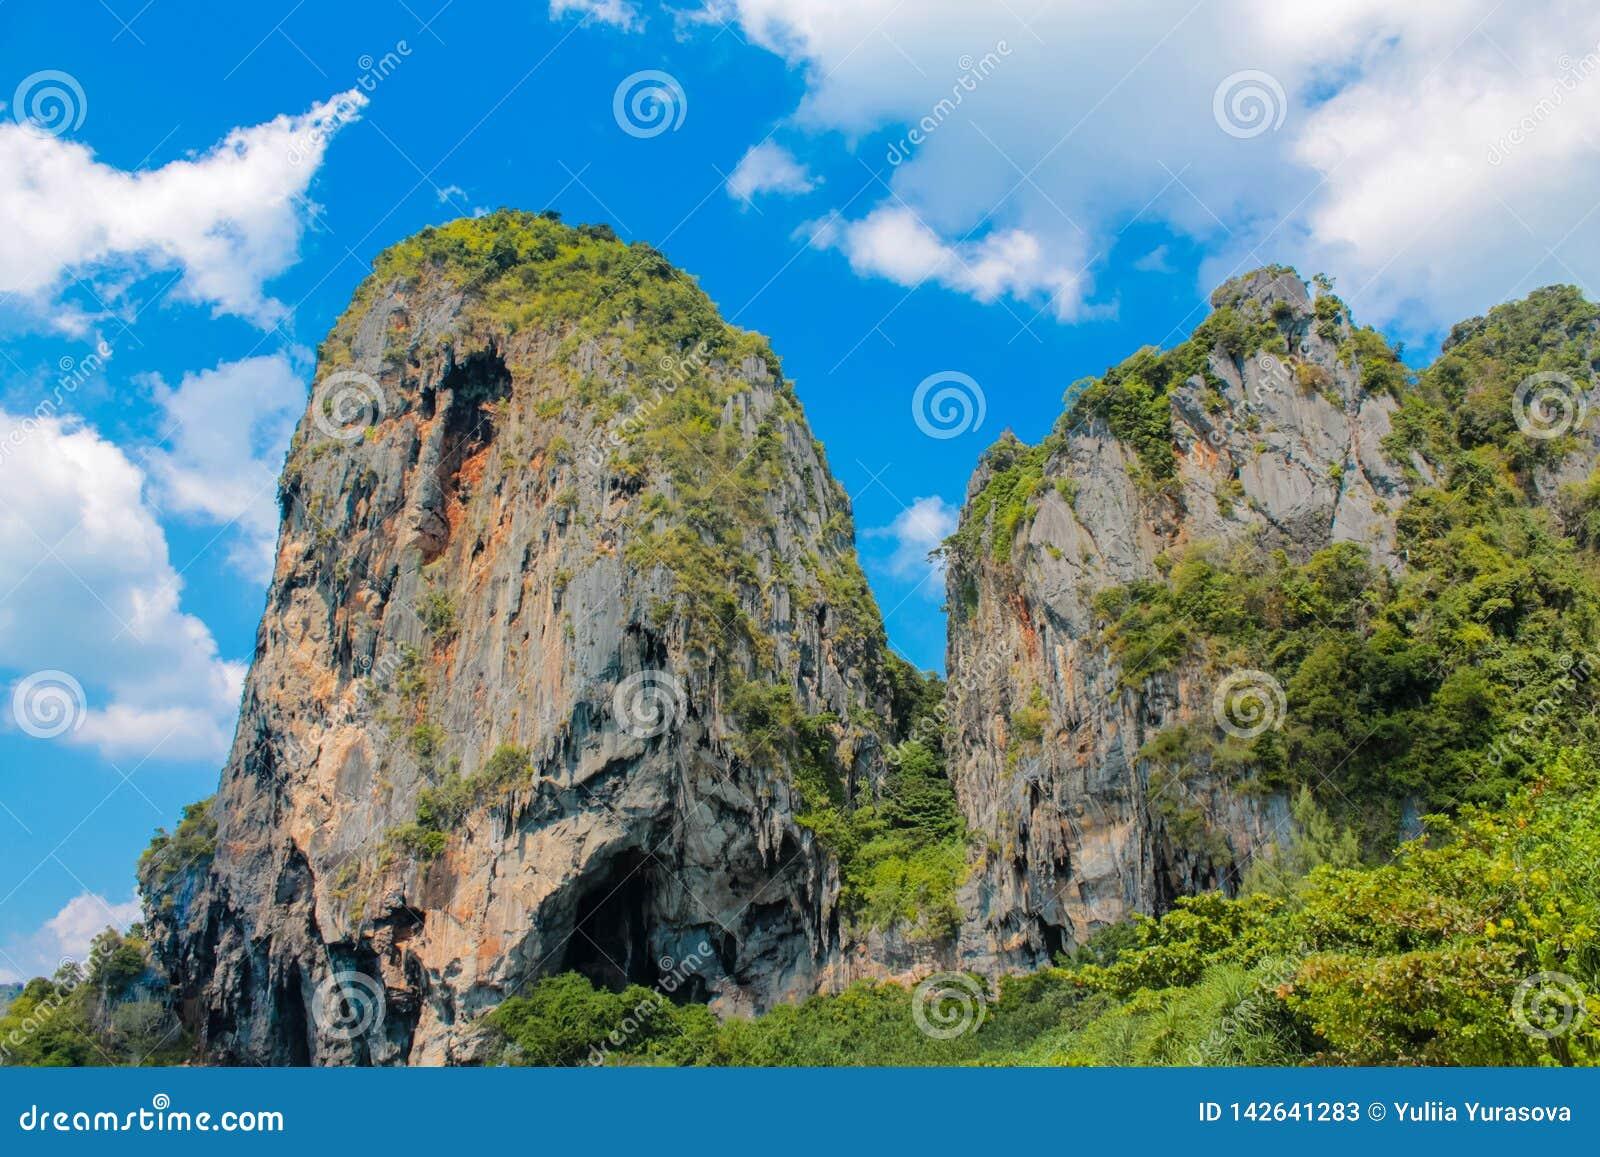 Isla de la roca de la piedra caliza en el mar de Andaman Tailandia